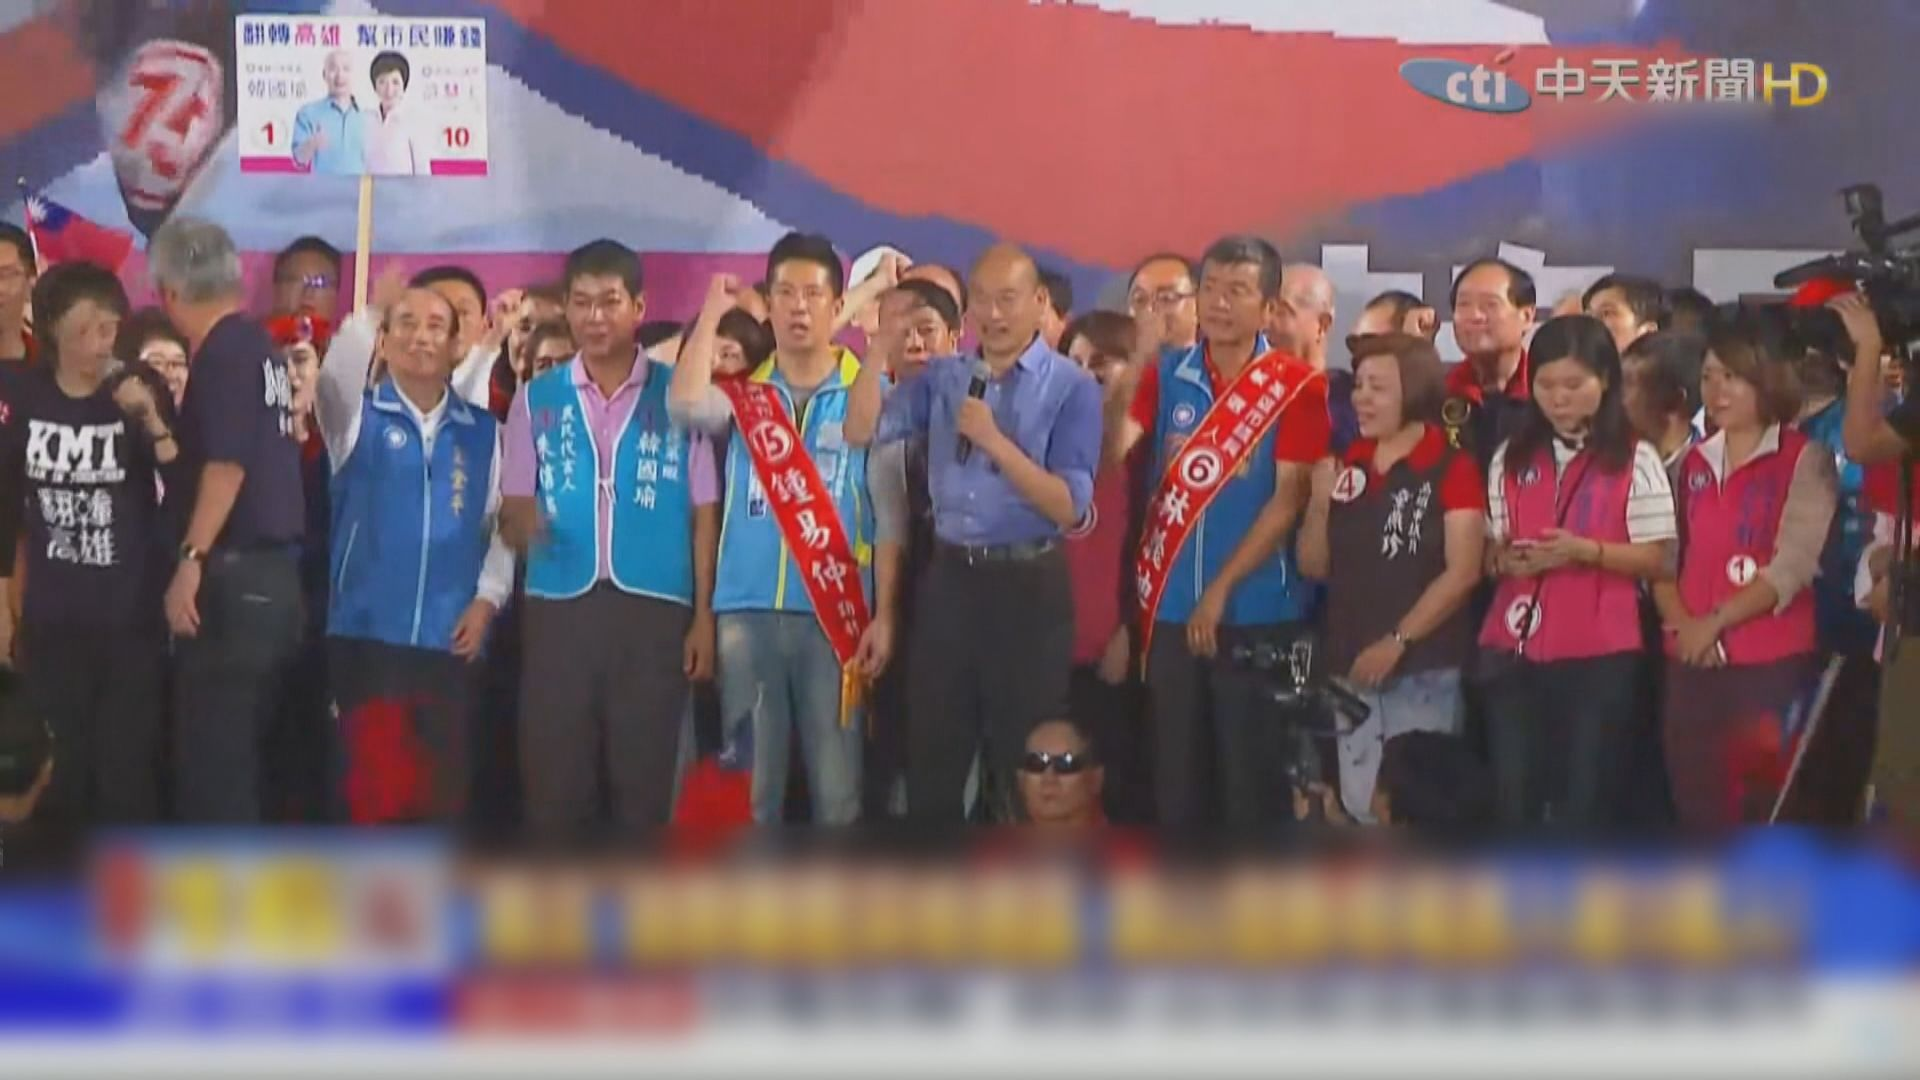 韓國瑜於高雄深綠陣地舉行造勢晚會